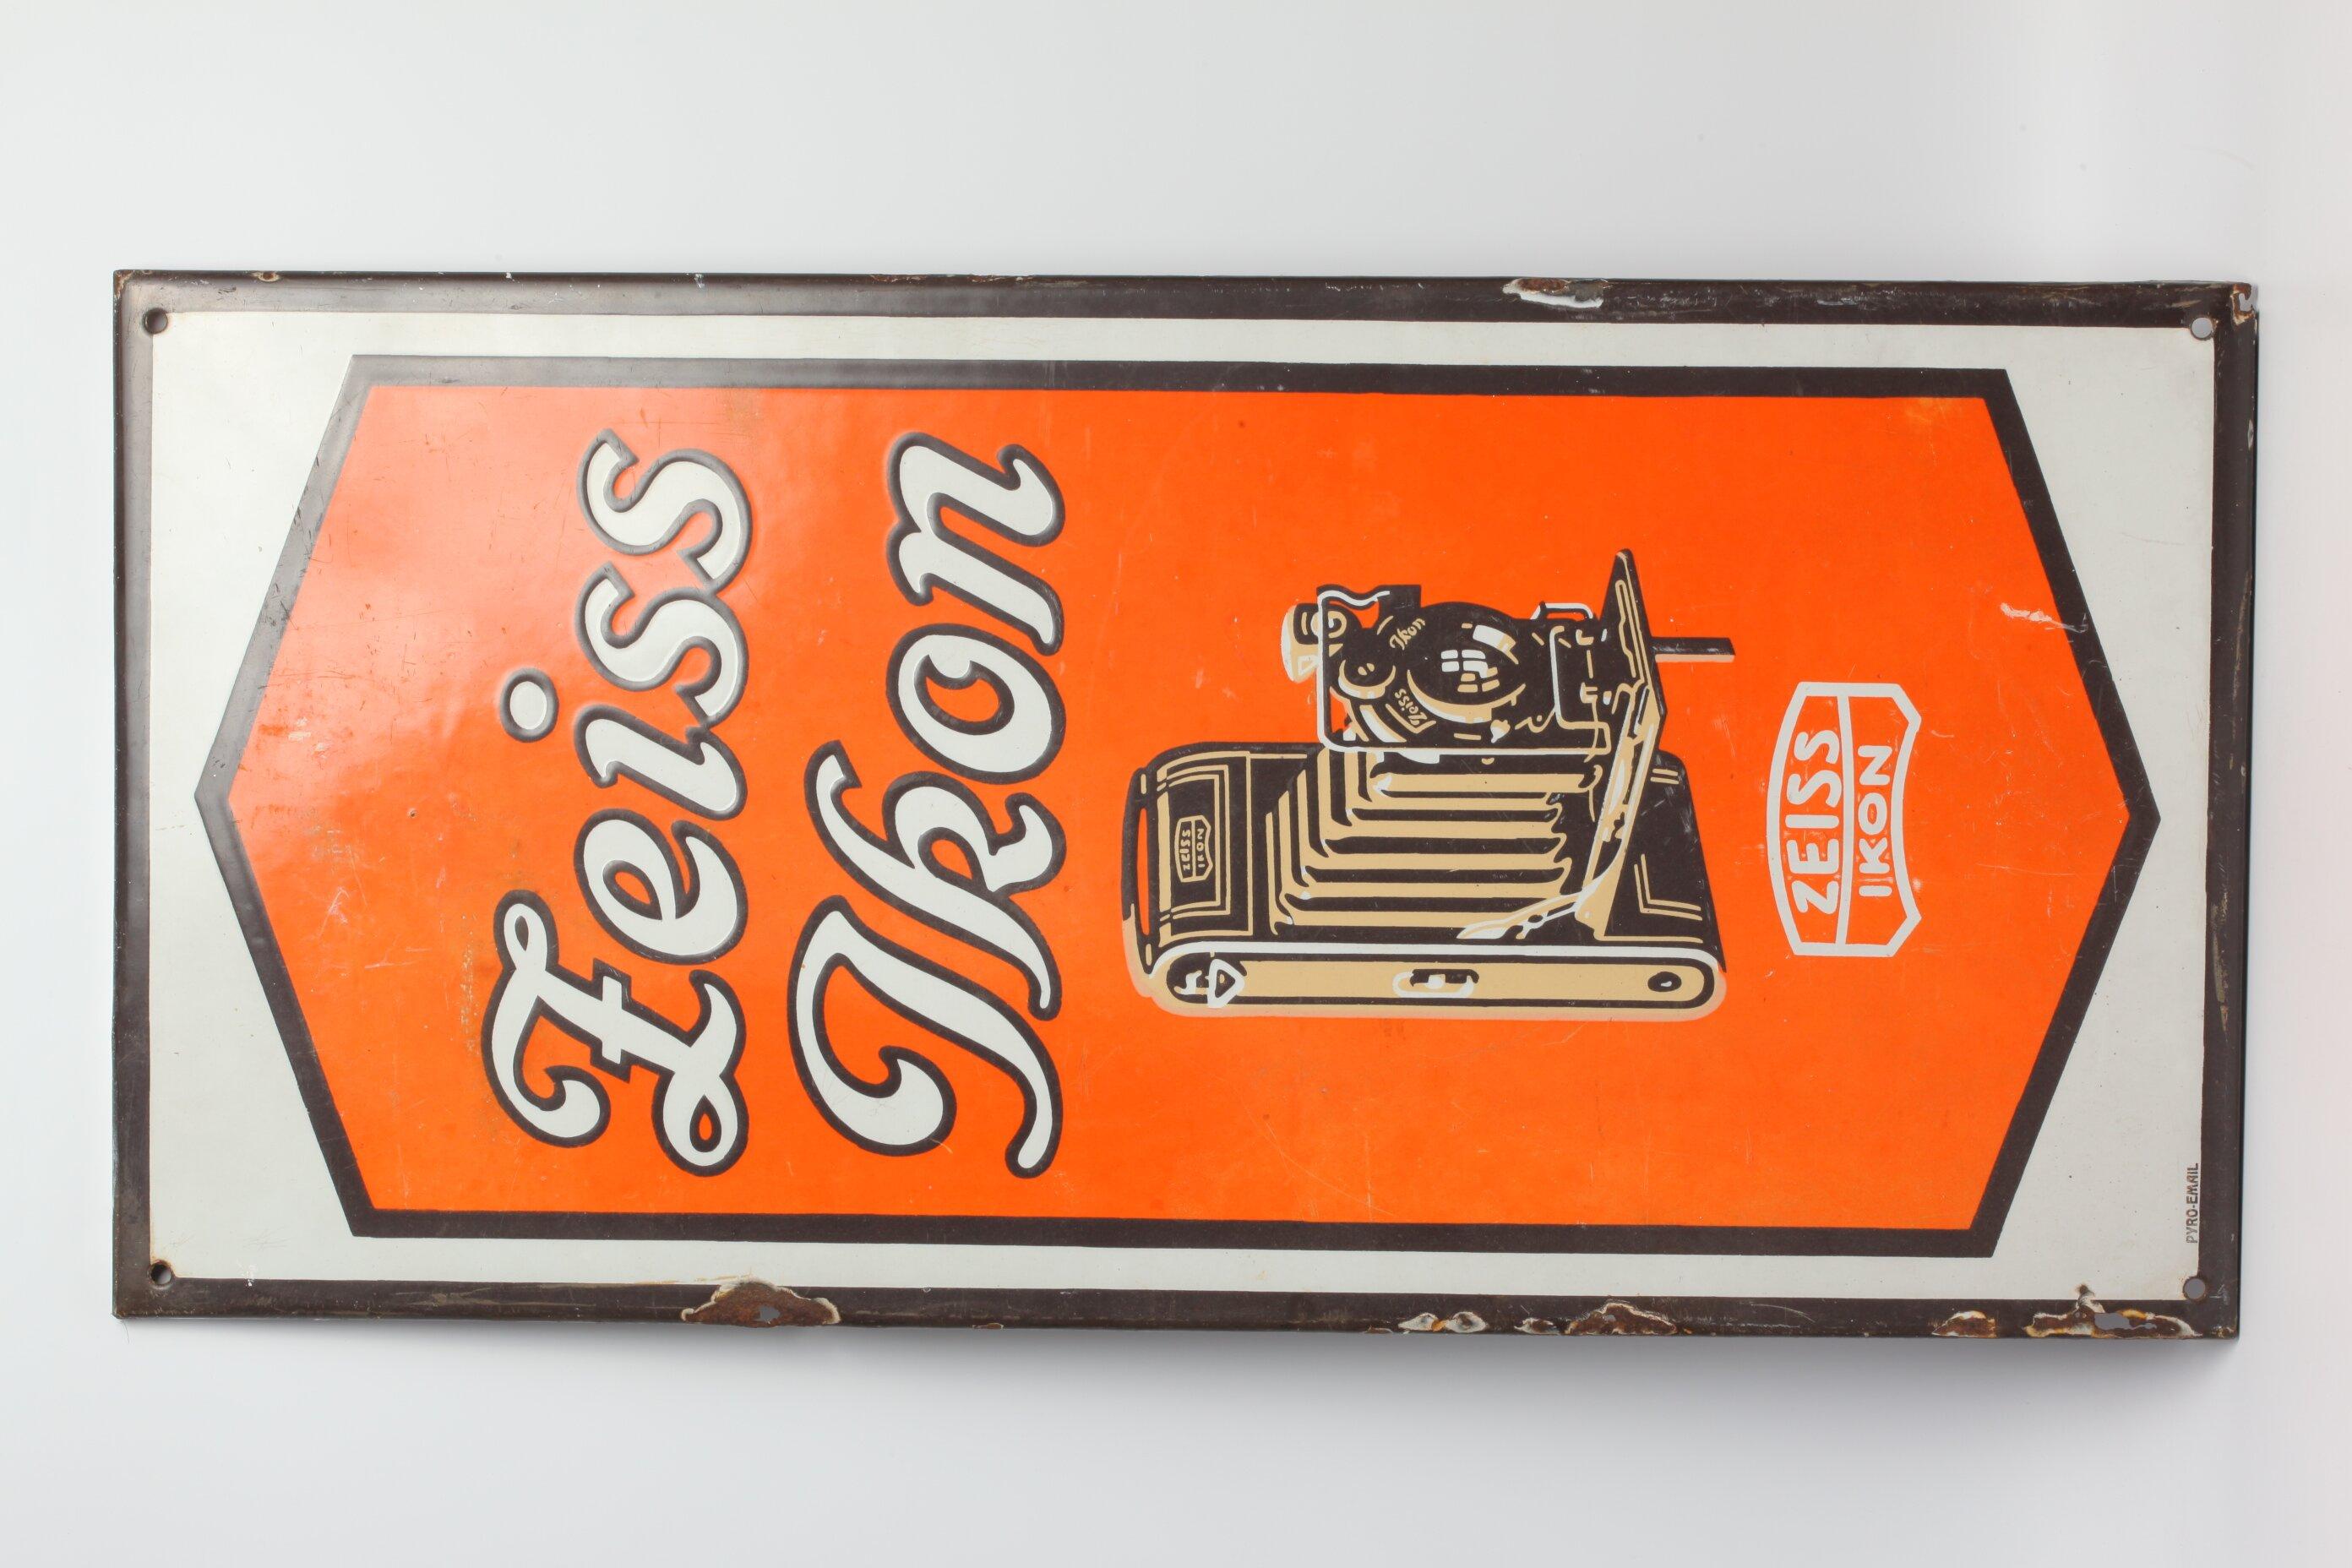 Zeiss Ikon Werbeschild Kamera viereckig Blech